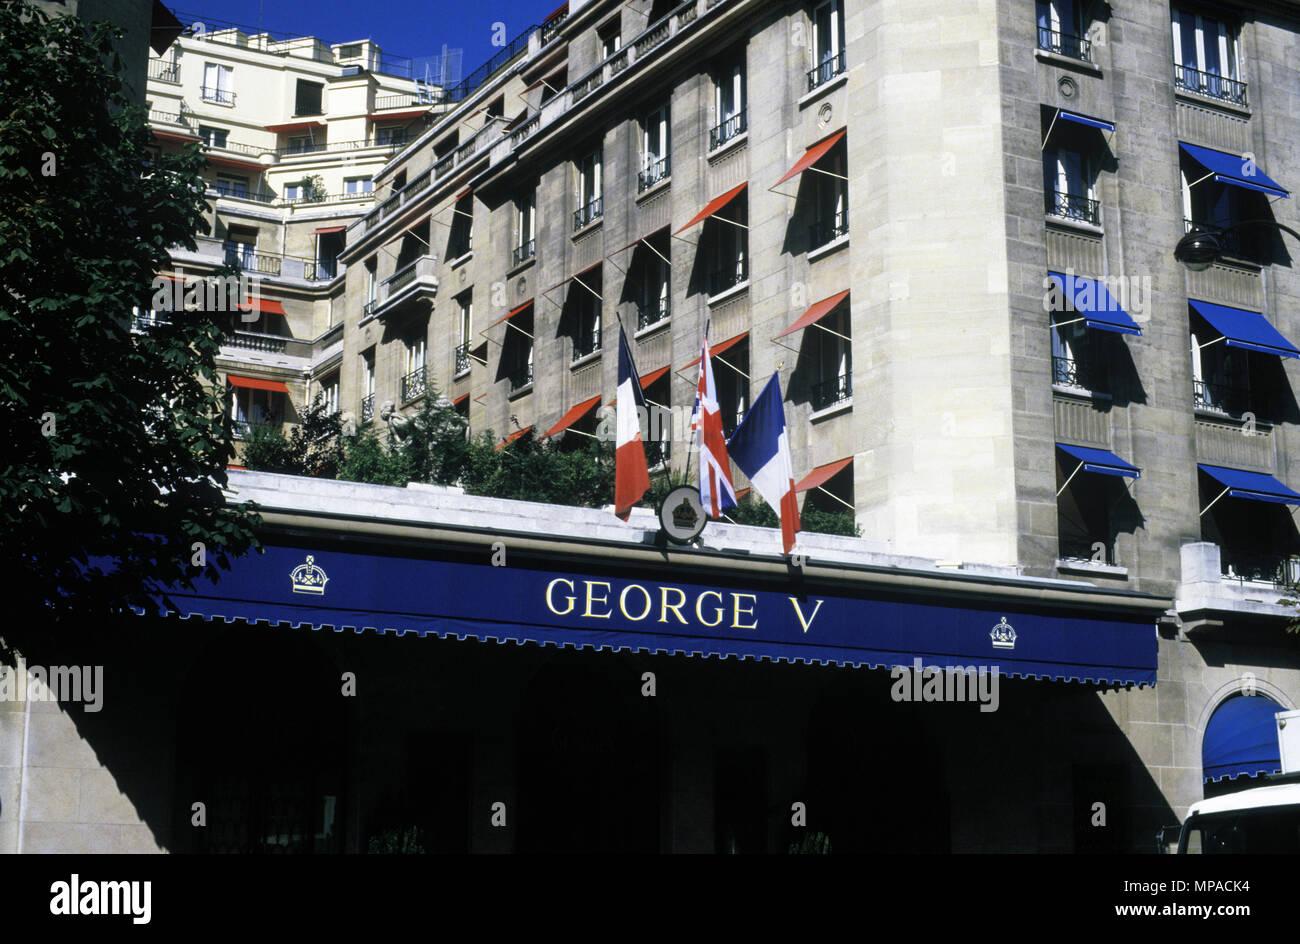 1988 HISTORICAL ENTRANCE HOTEL GEORGE V PARIS FRANCE - Stock Image